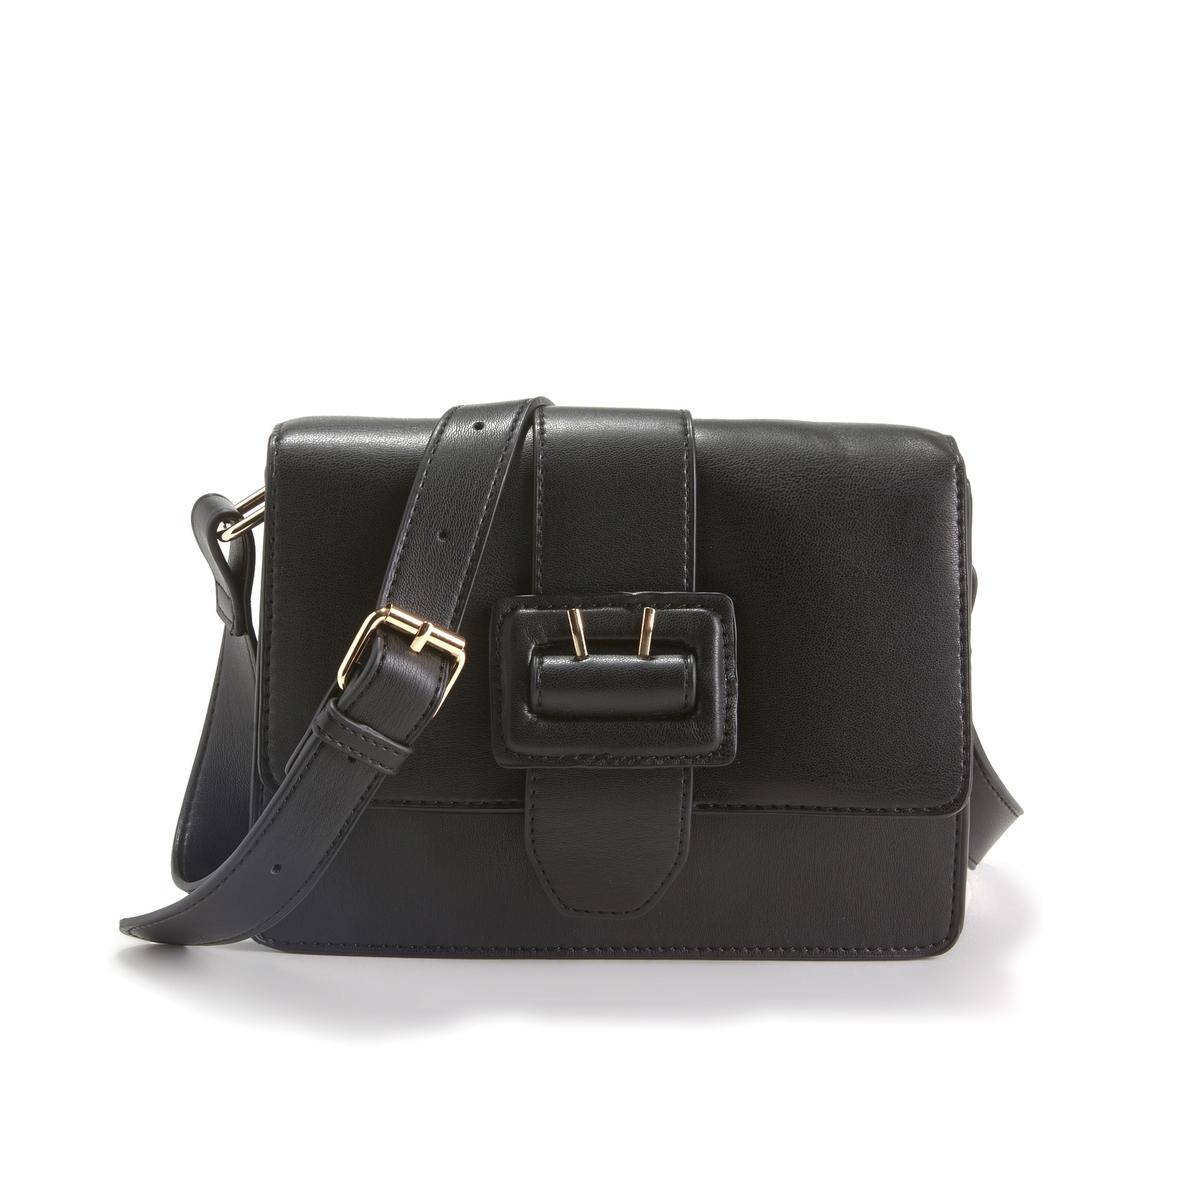 Сумка La Redoute С клапаном и декоративной пряжкой единый размер черный сумка la redoute из ткани с блестками h единый размер черный